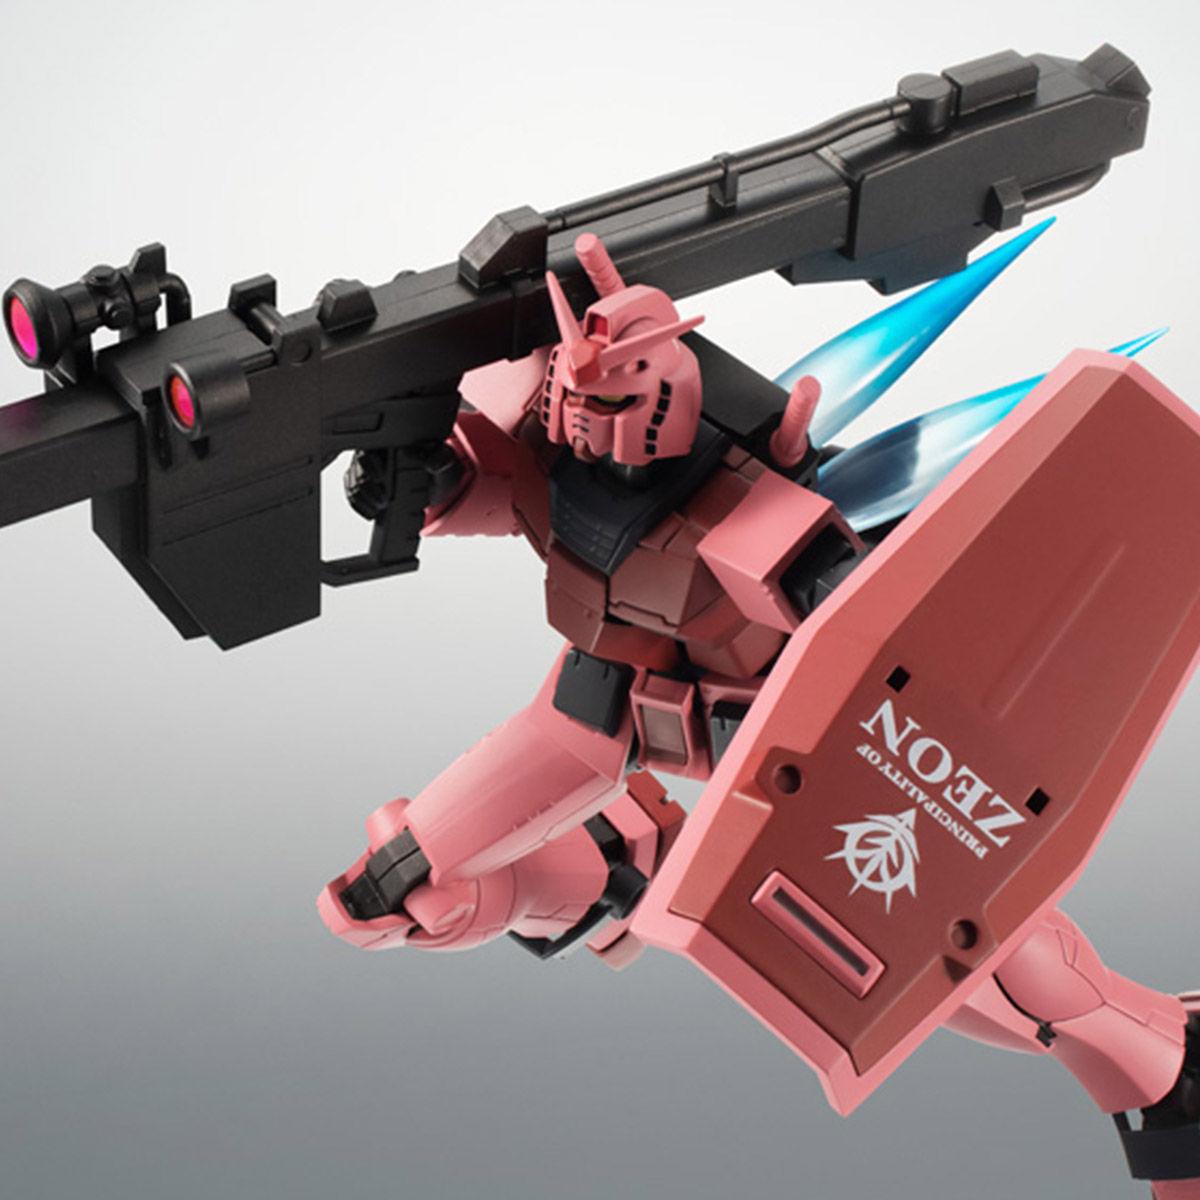 【限定販売】ROBOT魂〈SIDE MS〉『RX-78/C.A キャスバル専用ガンダム ver. A.N.I.M.E.』ギレンの野望 可動フィギュア-001